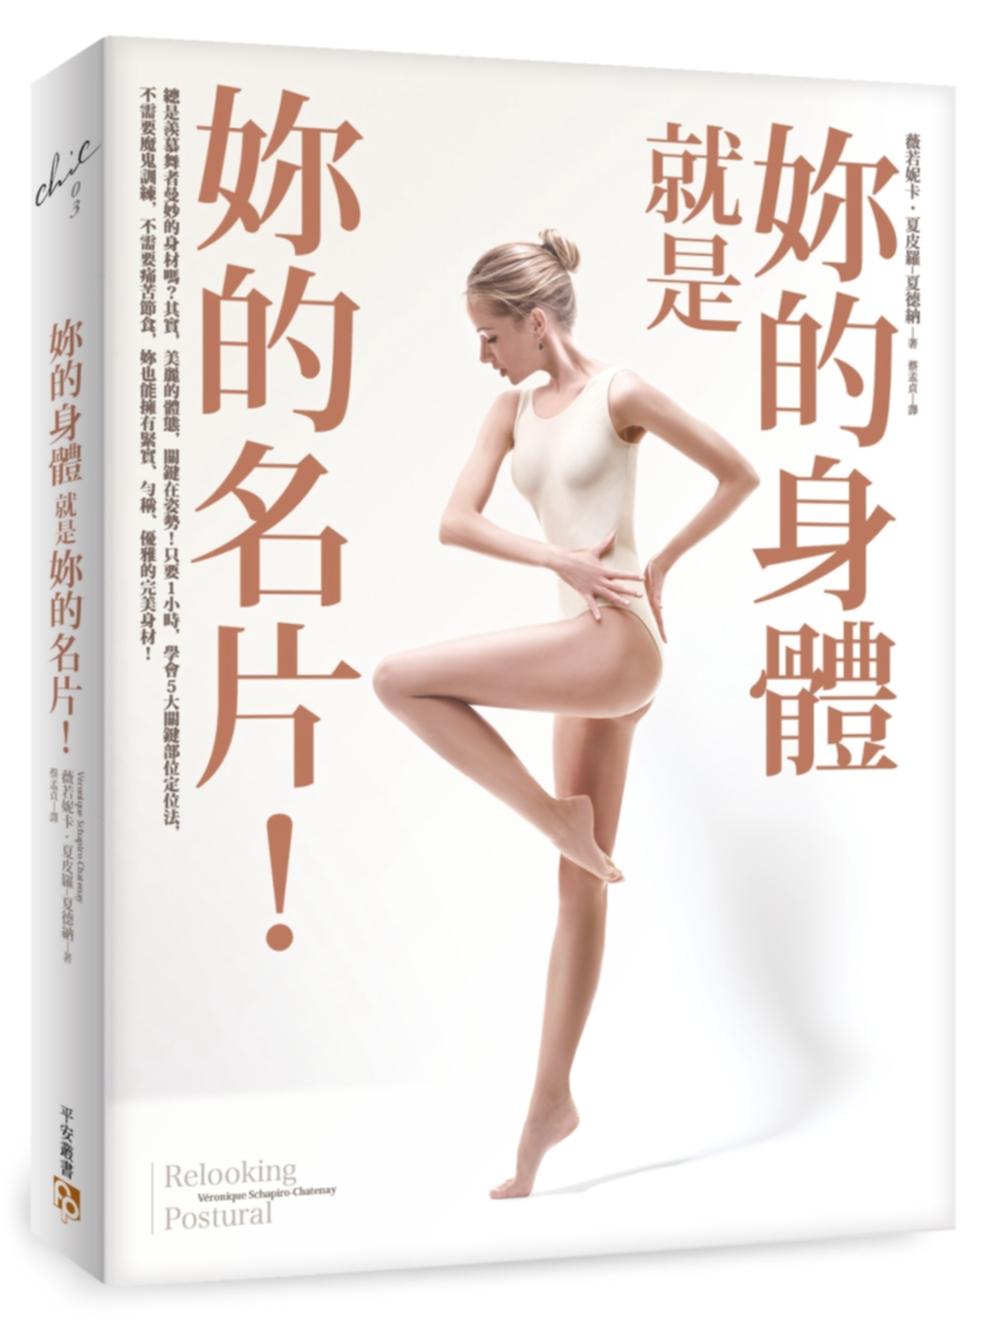 妳的身體就是妳的名片!:美麗的體態,關鍵在姿勢!1小時學會5大關鍵部位定位法,妳也能擁有緊實、勻稱、優雅的完美身材!